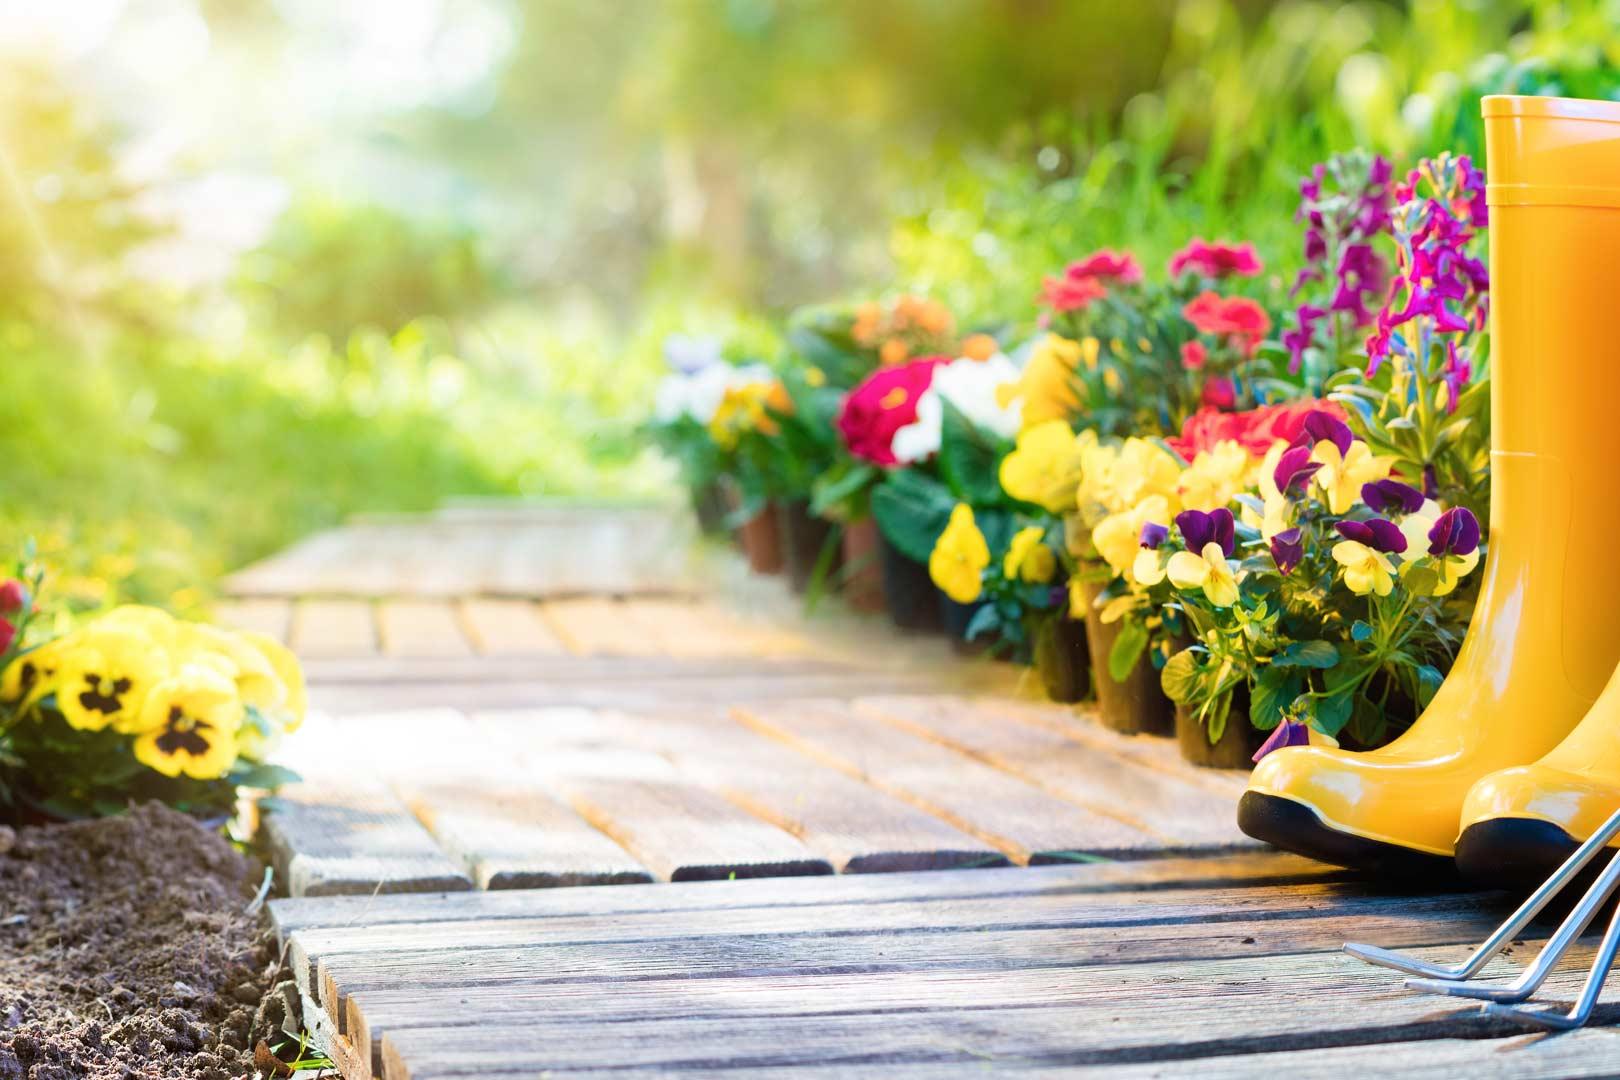 Horticulture - Pépinière Bienvenot | jardinerie à Wisches